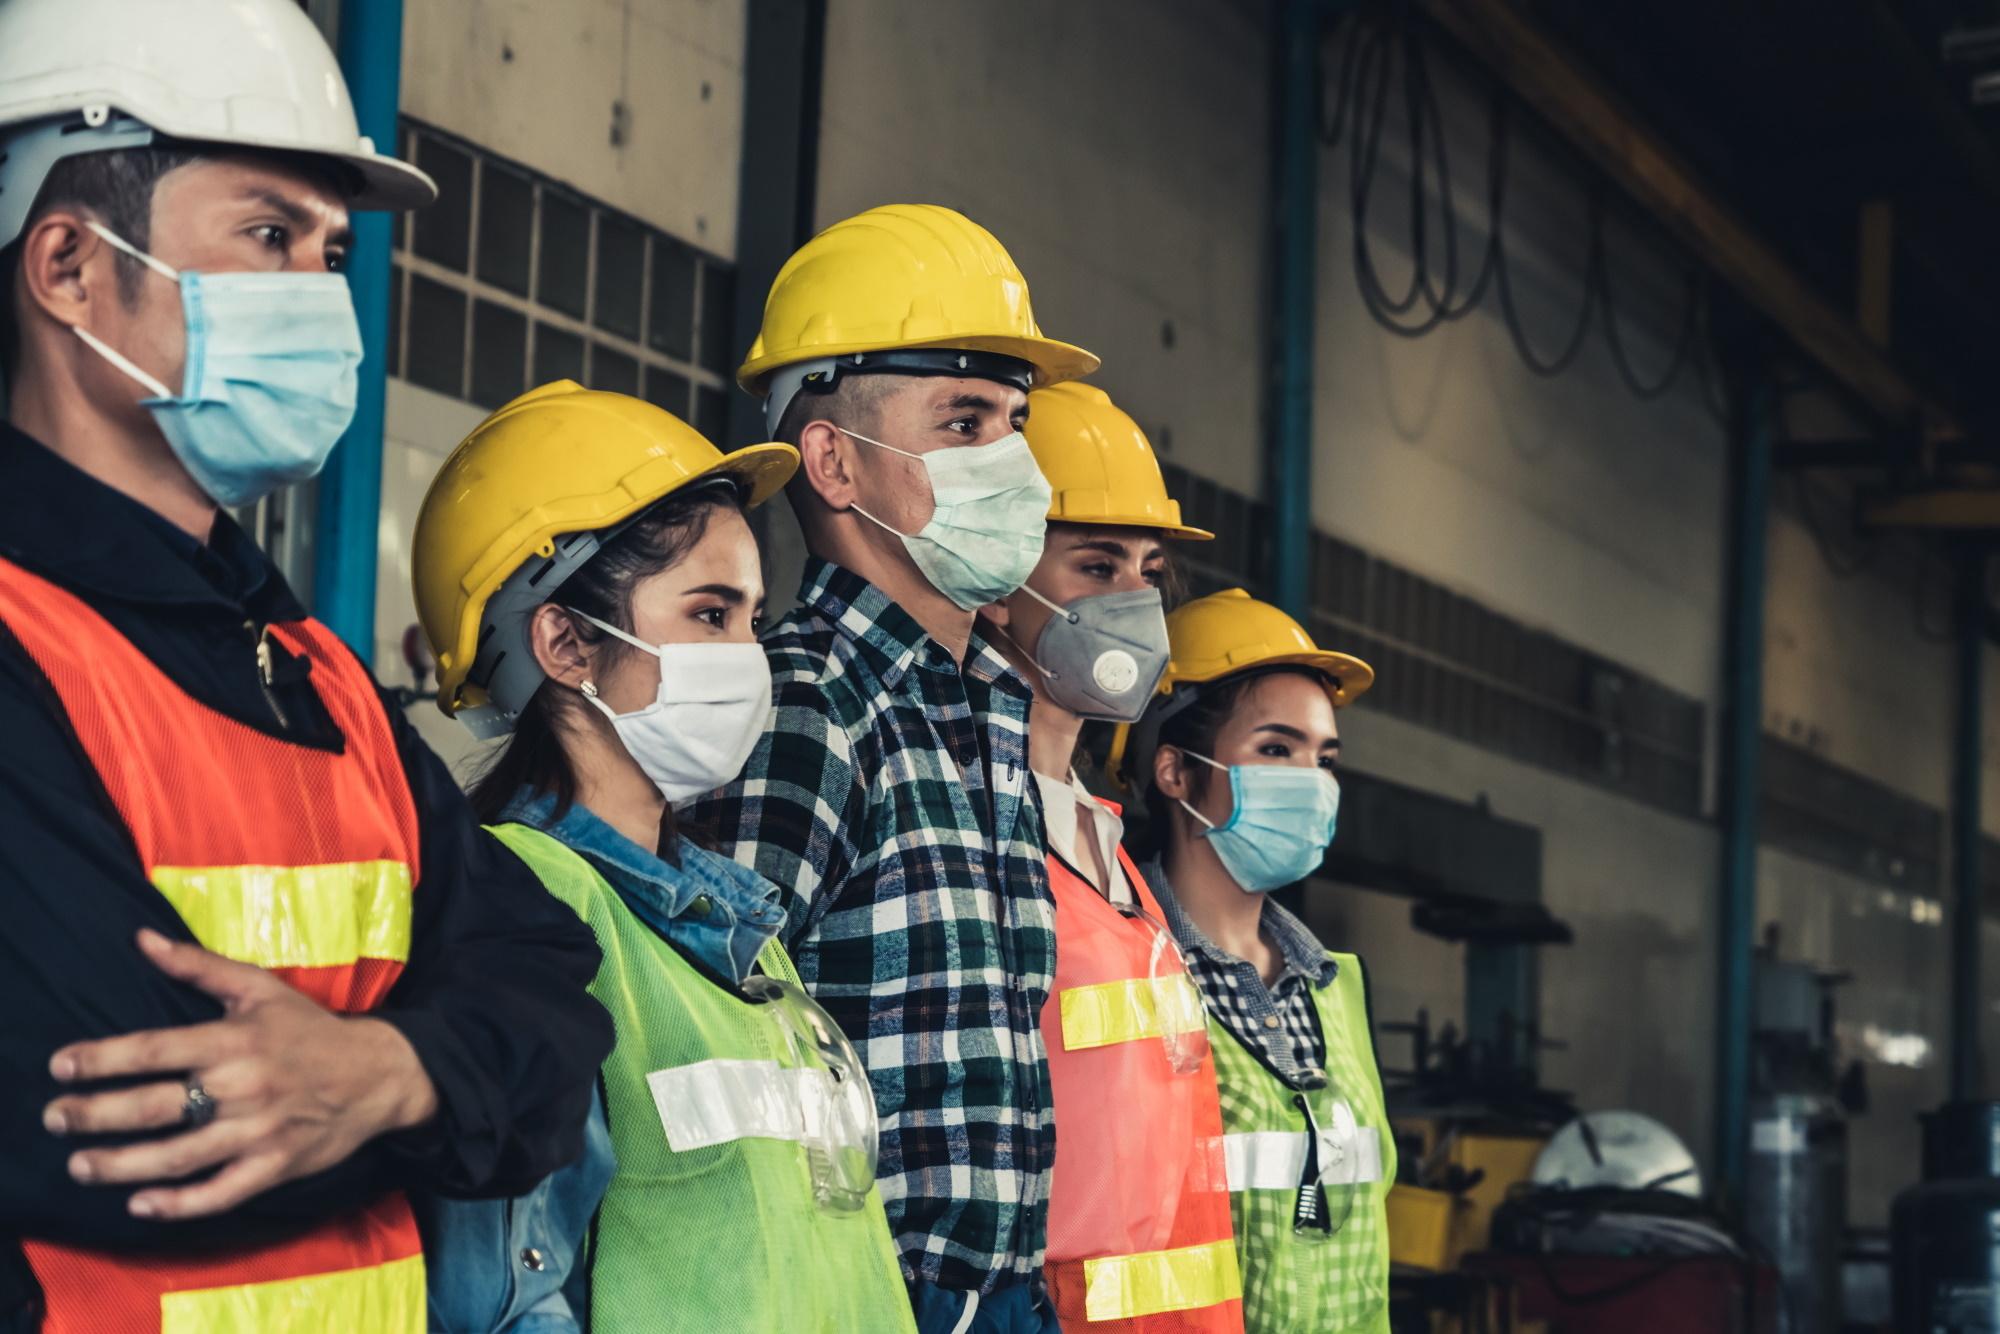 Ważnym aspektem jest zagwarantowanie regularnej i przejrzystej komunikacji, aby pracownicy byli na bieżąco poinformowani o sytuacji panującej w firmie. (Fot. Shutterstock)